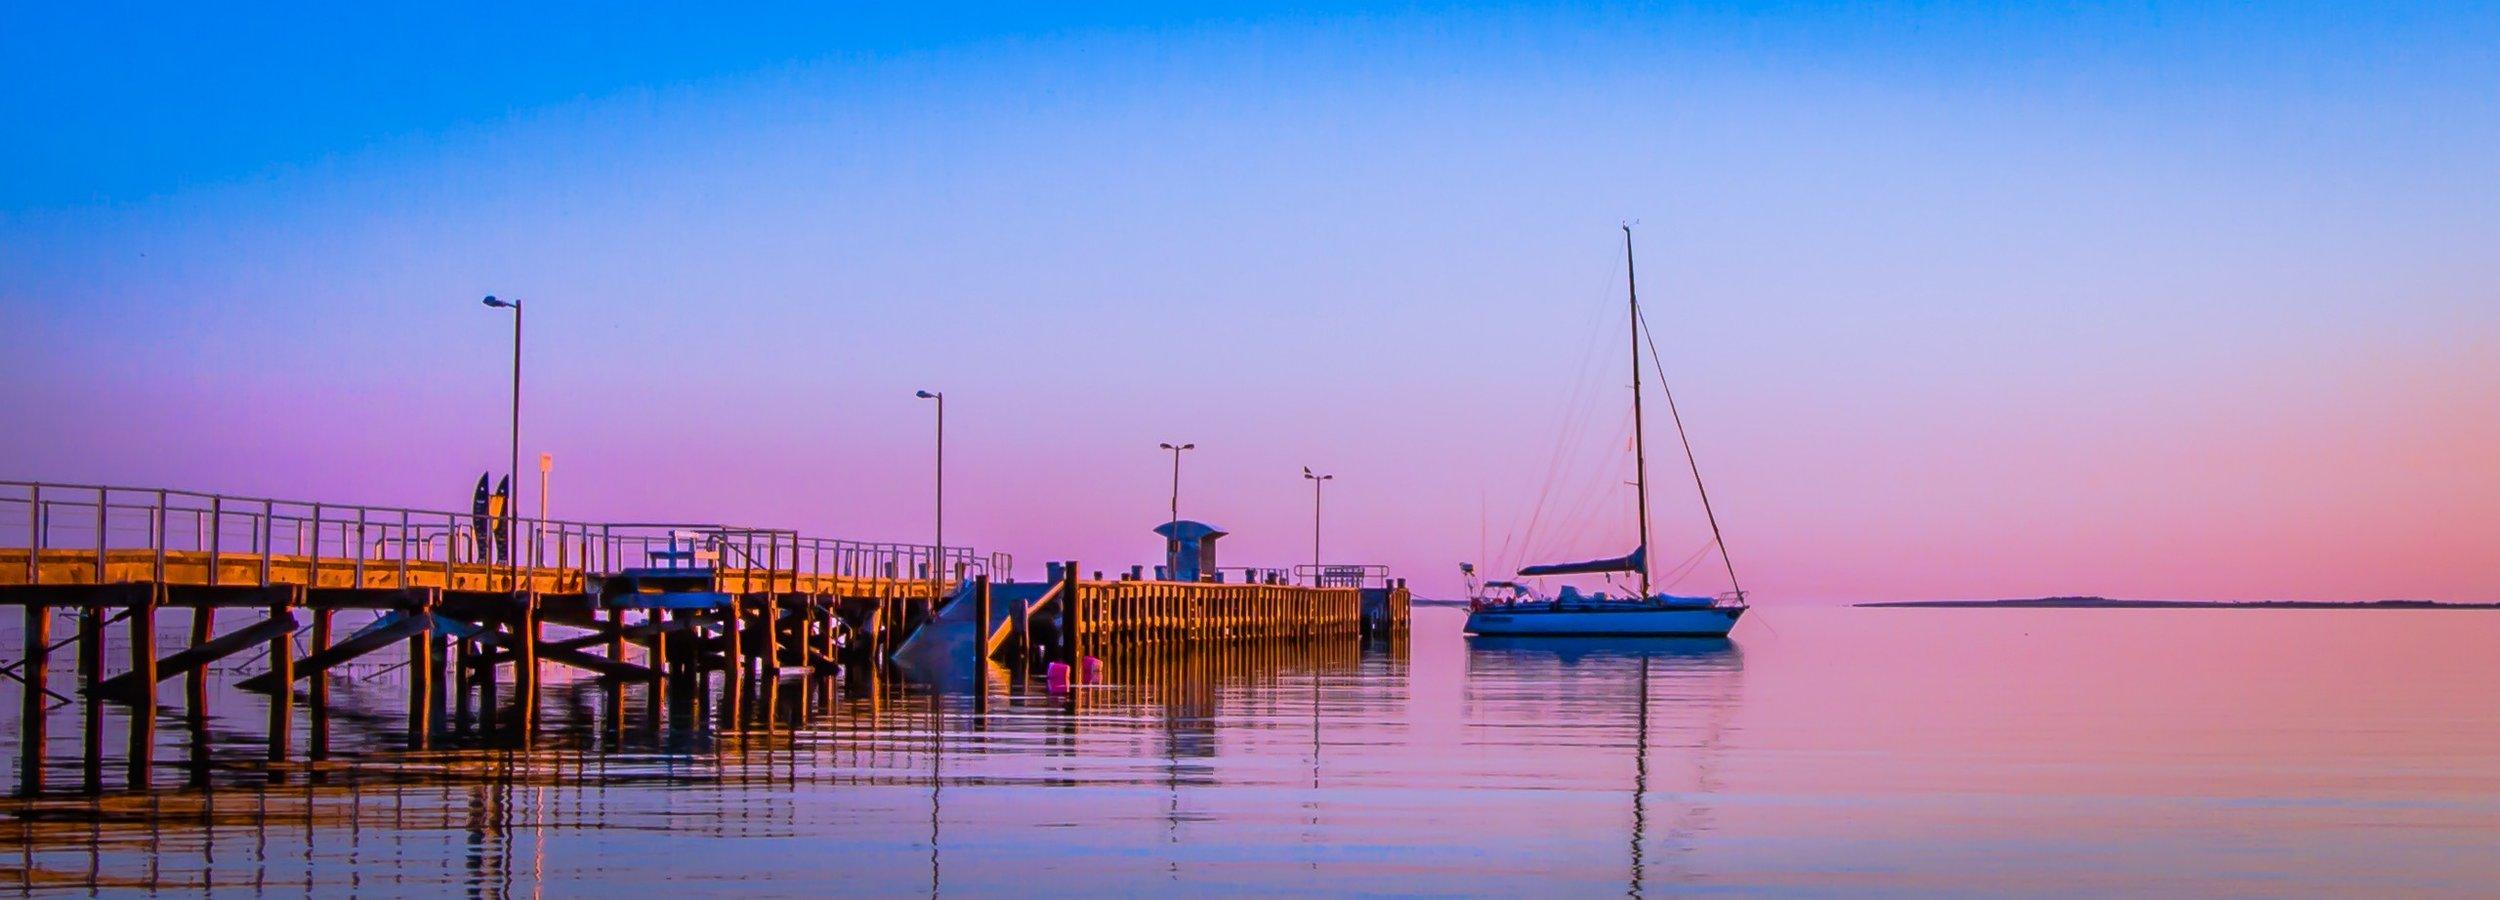 Morning light in South Australia.